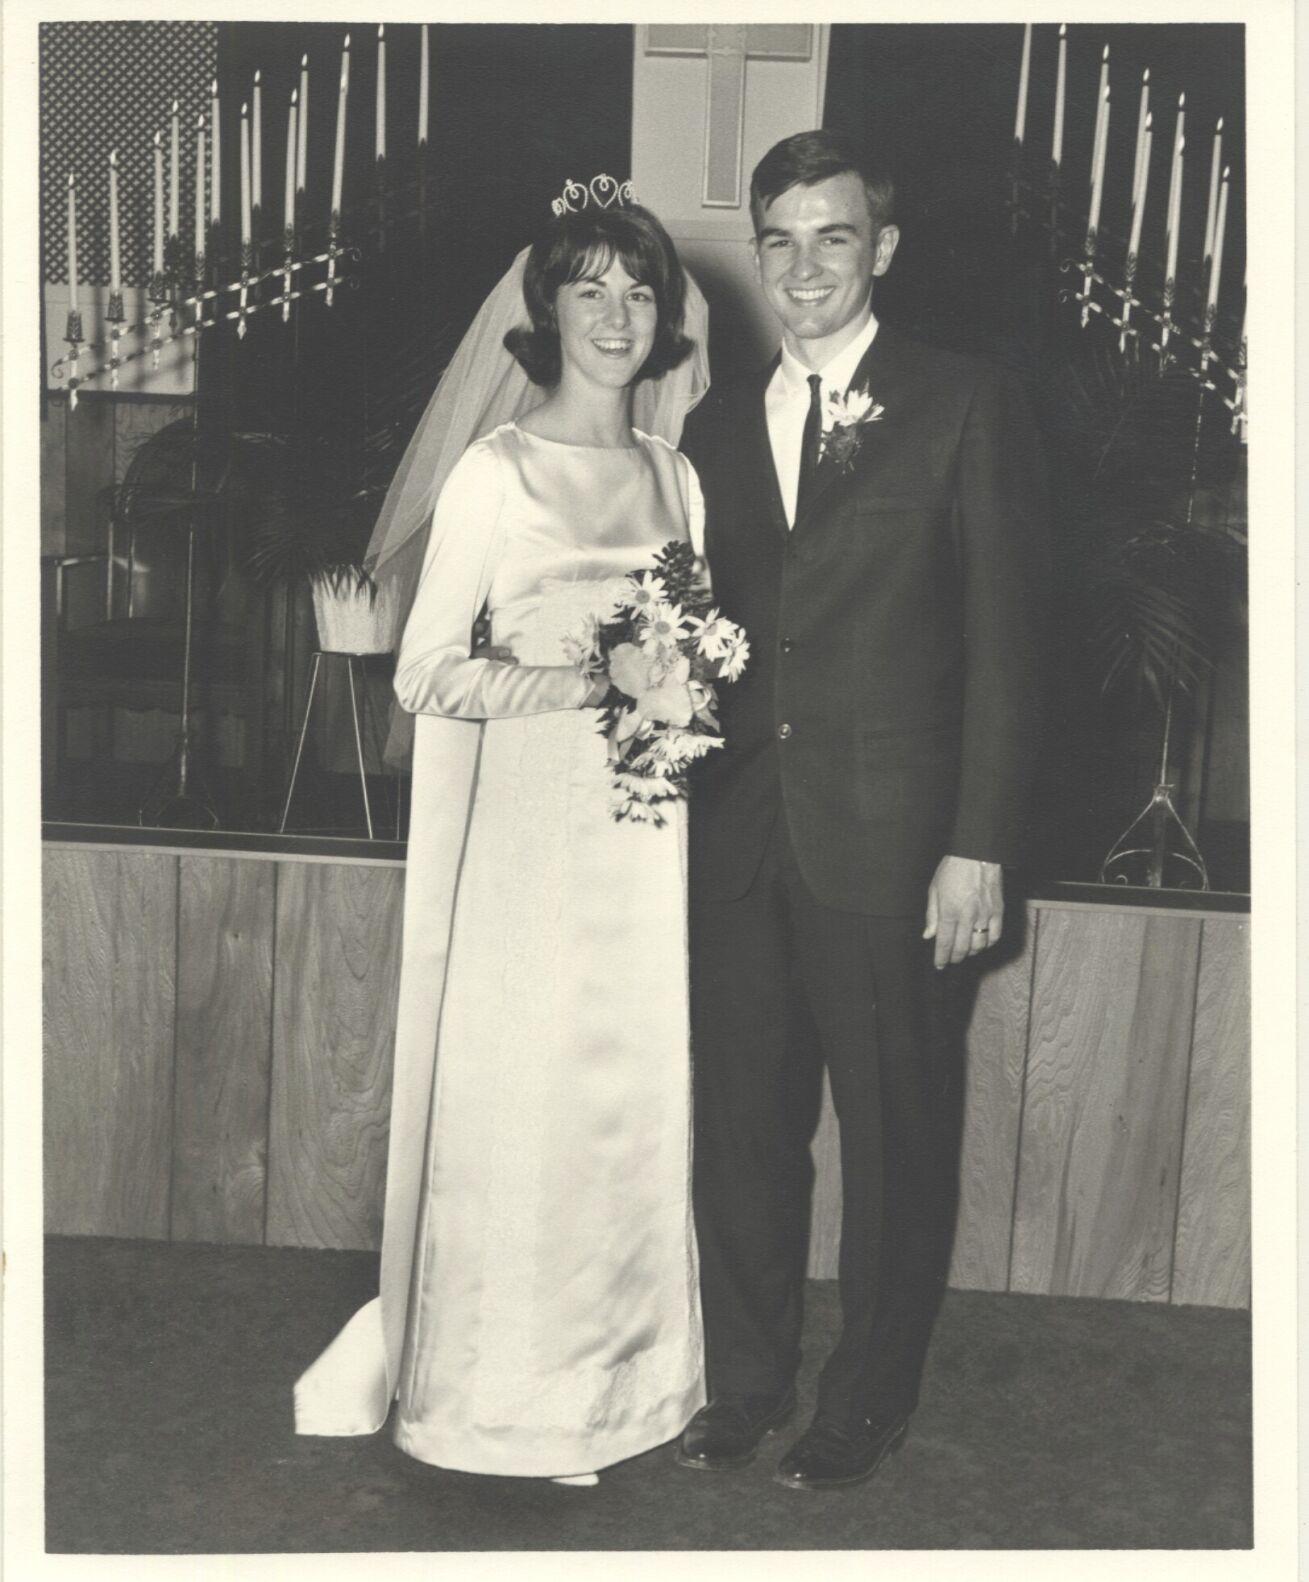 Larry and Tammy Fischer